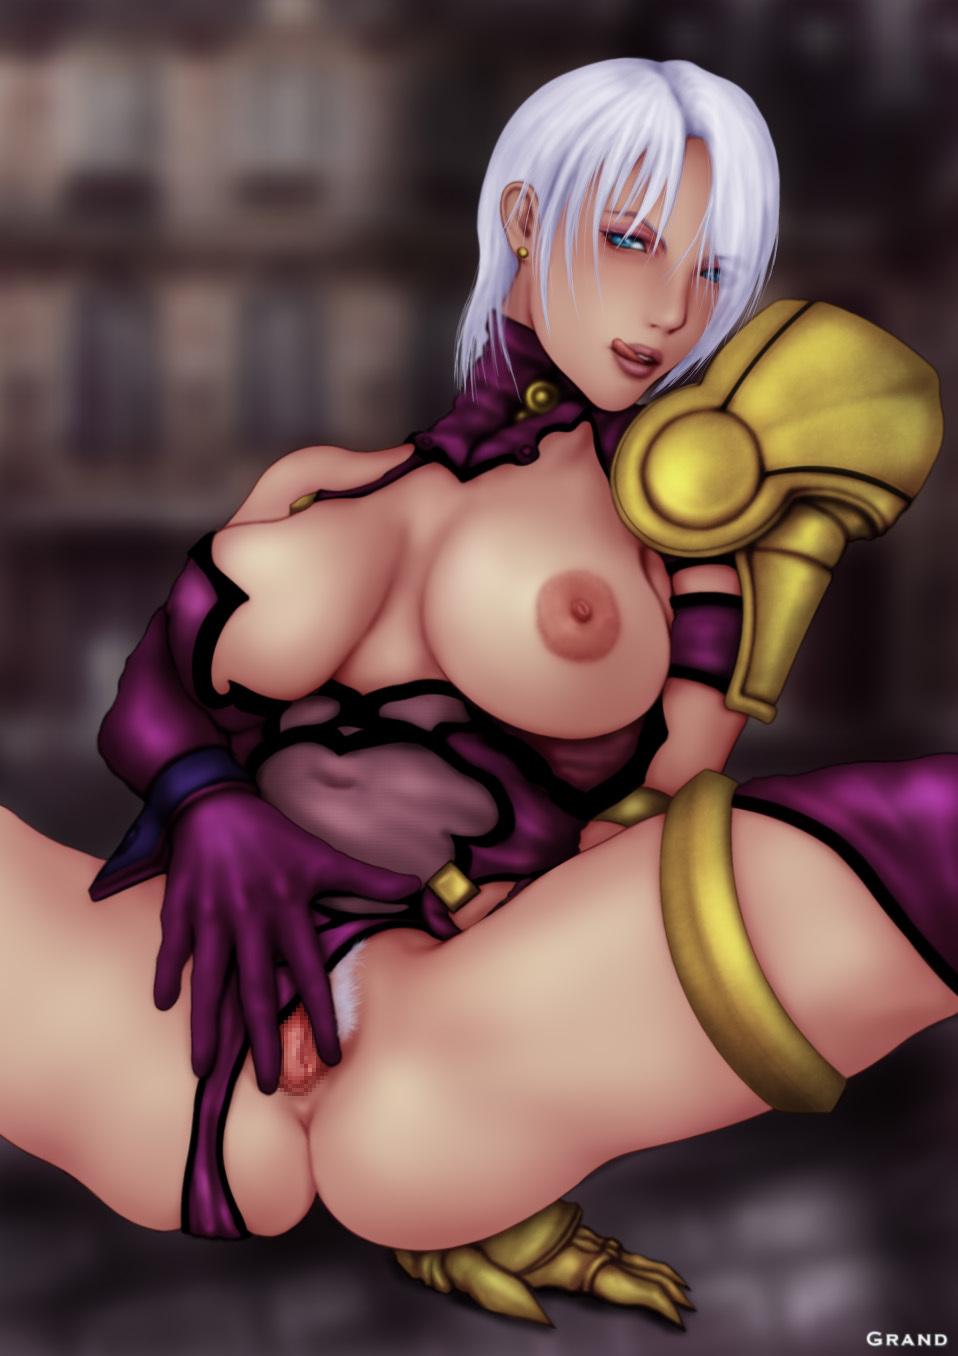 hot girls indo naked